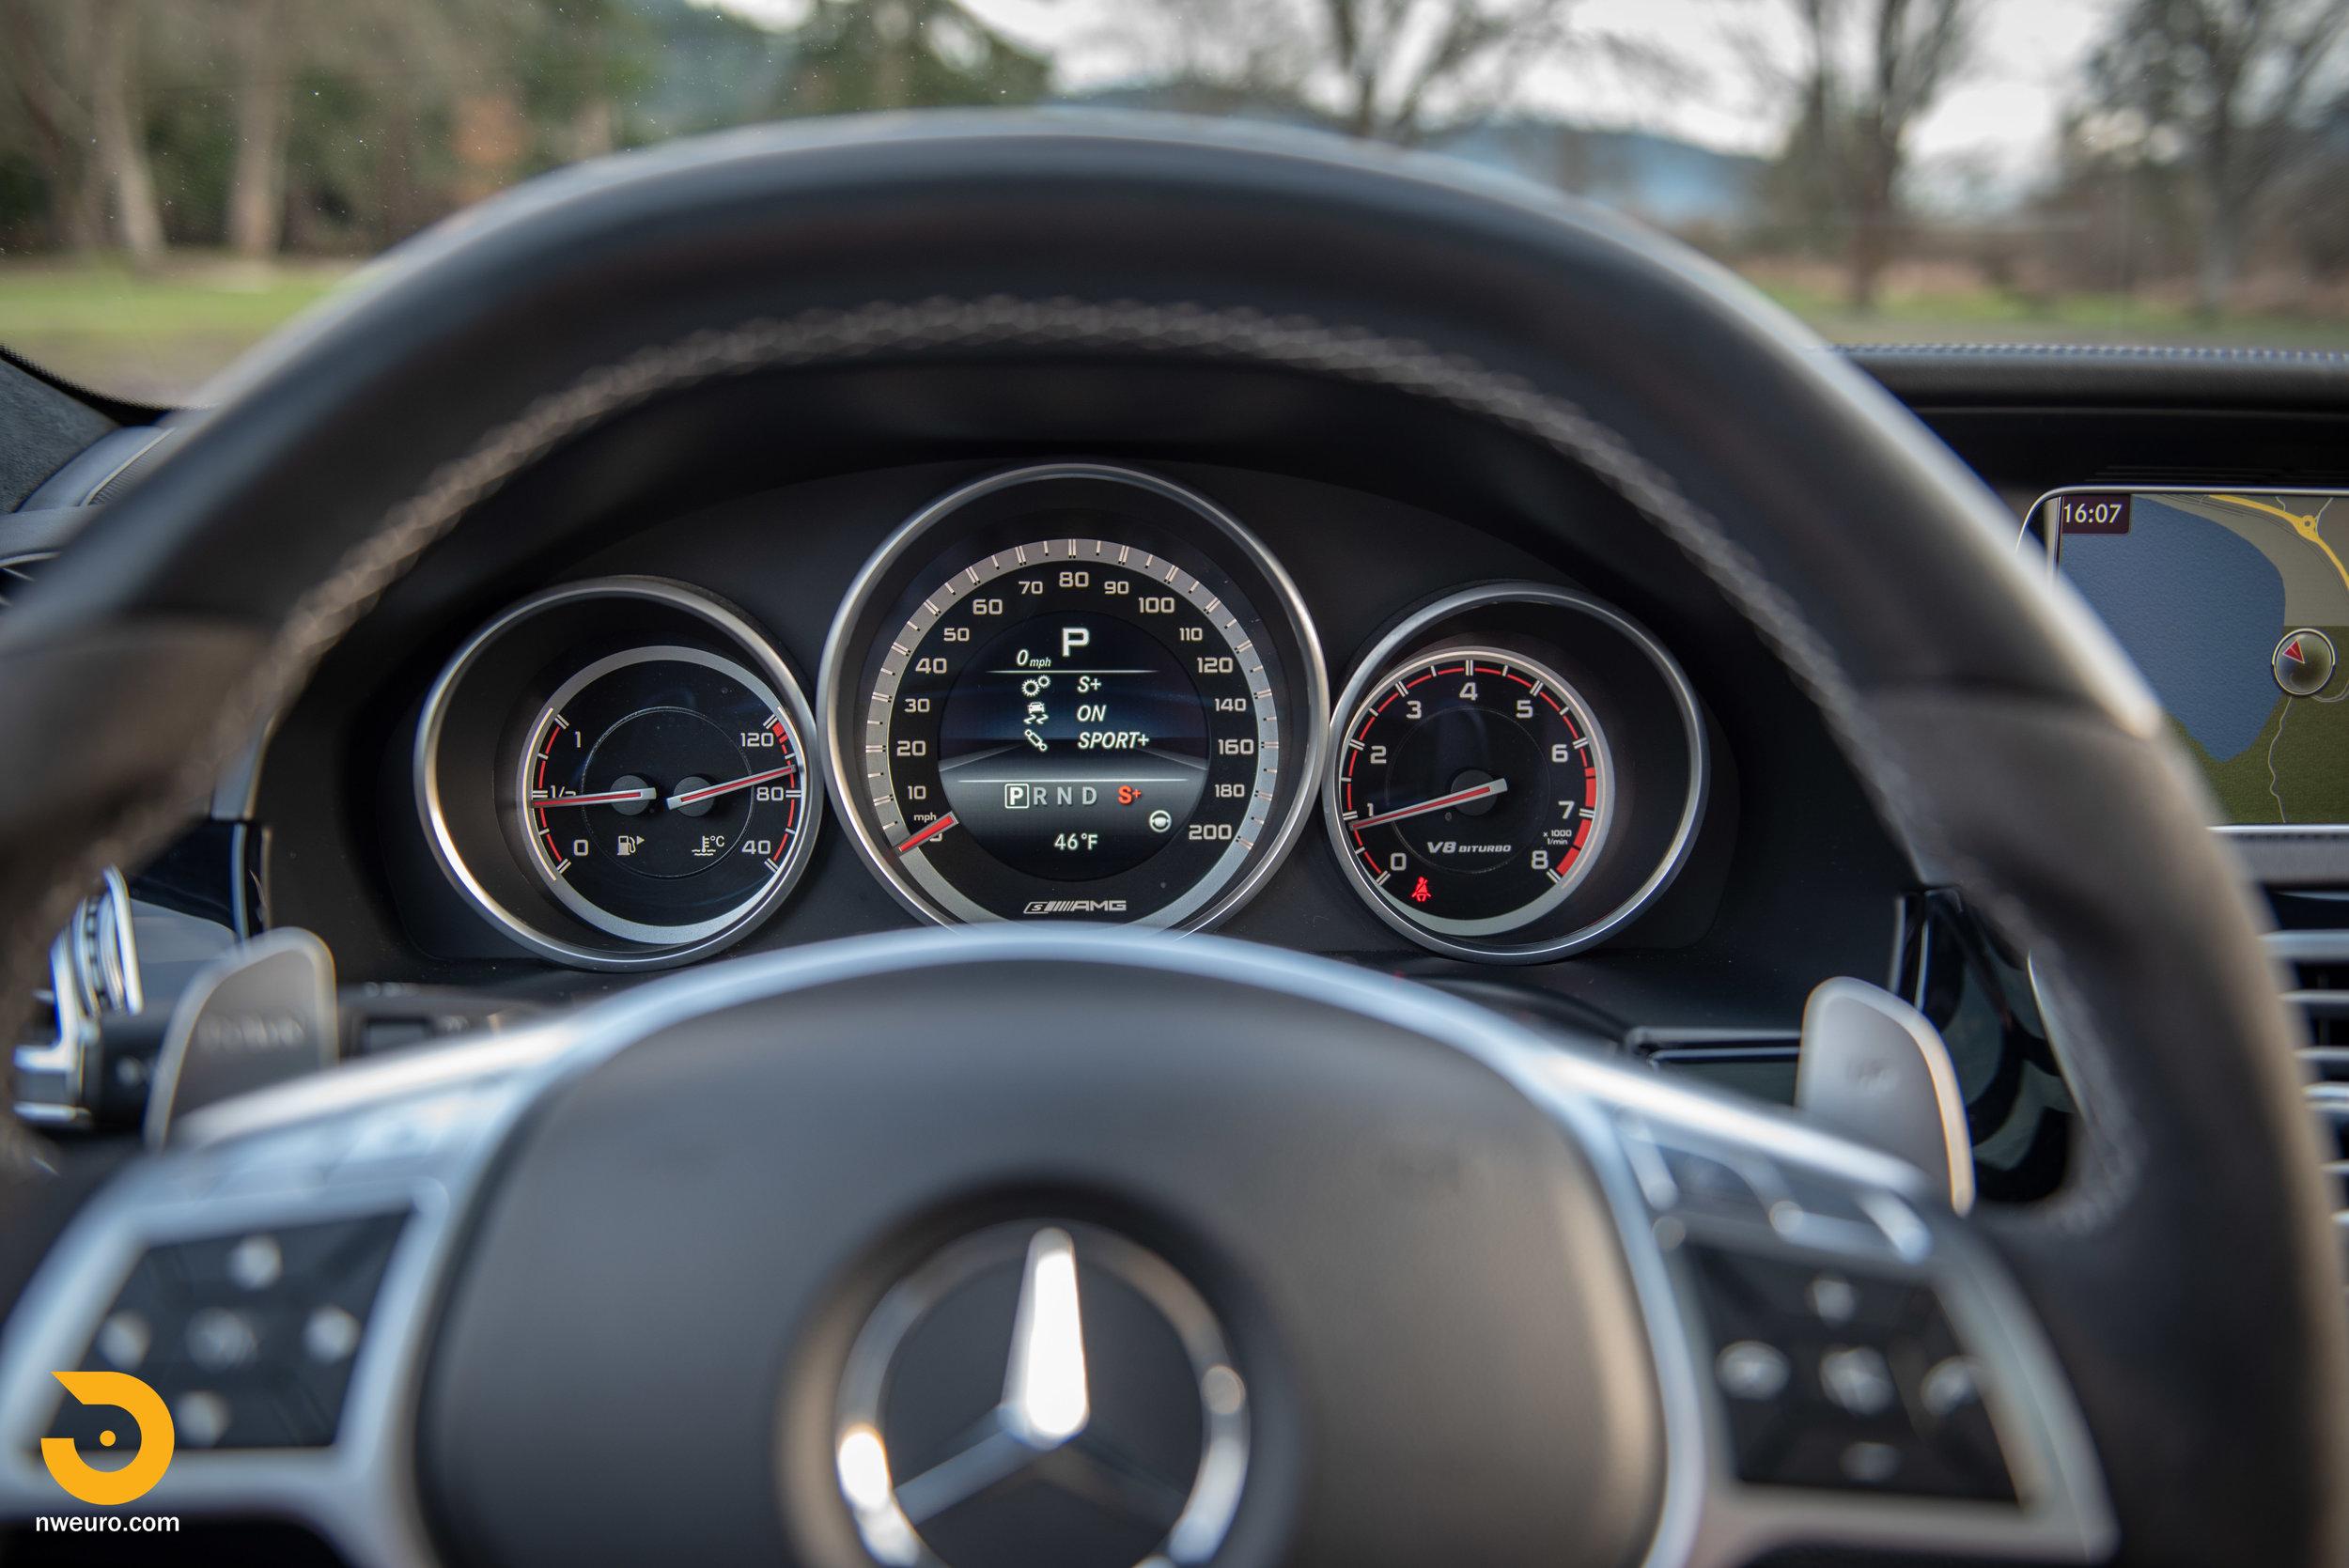 2016 Mercedes-Benz E63S Wagon-74.jpg